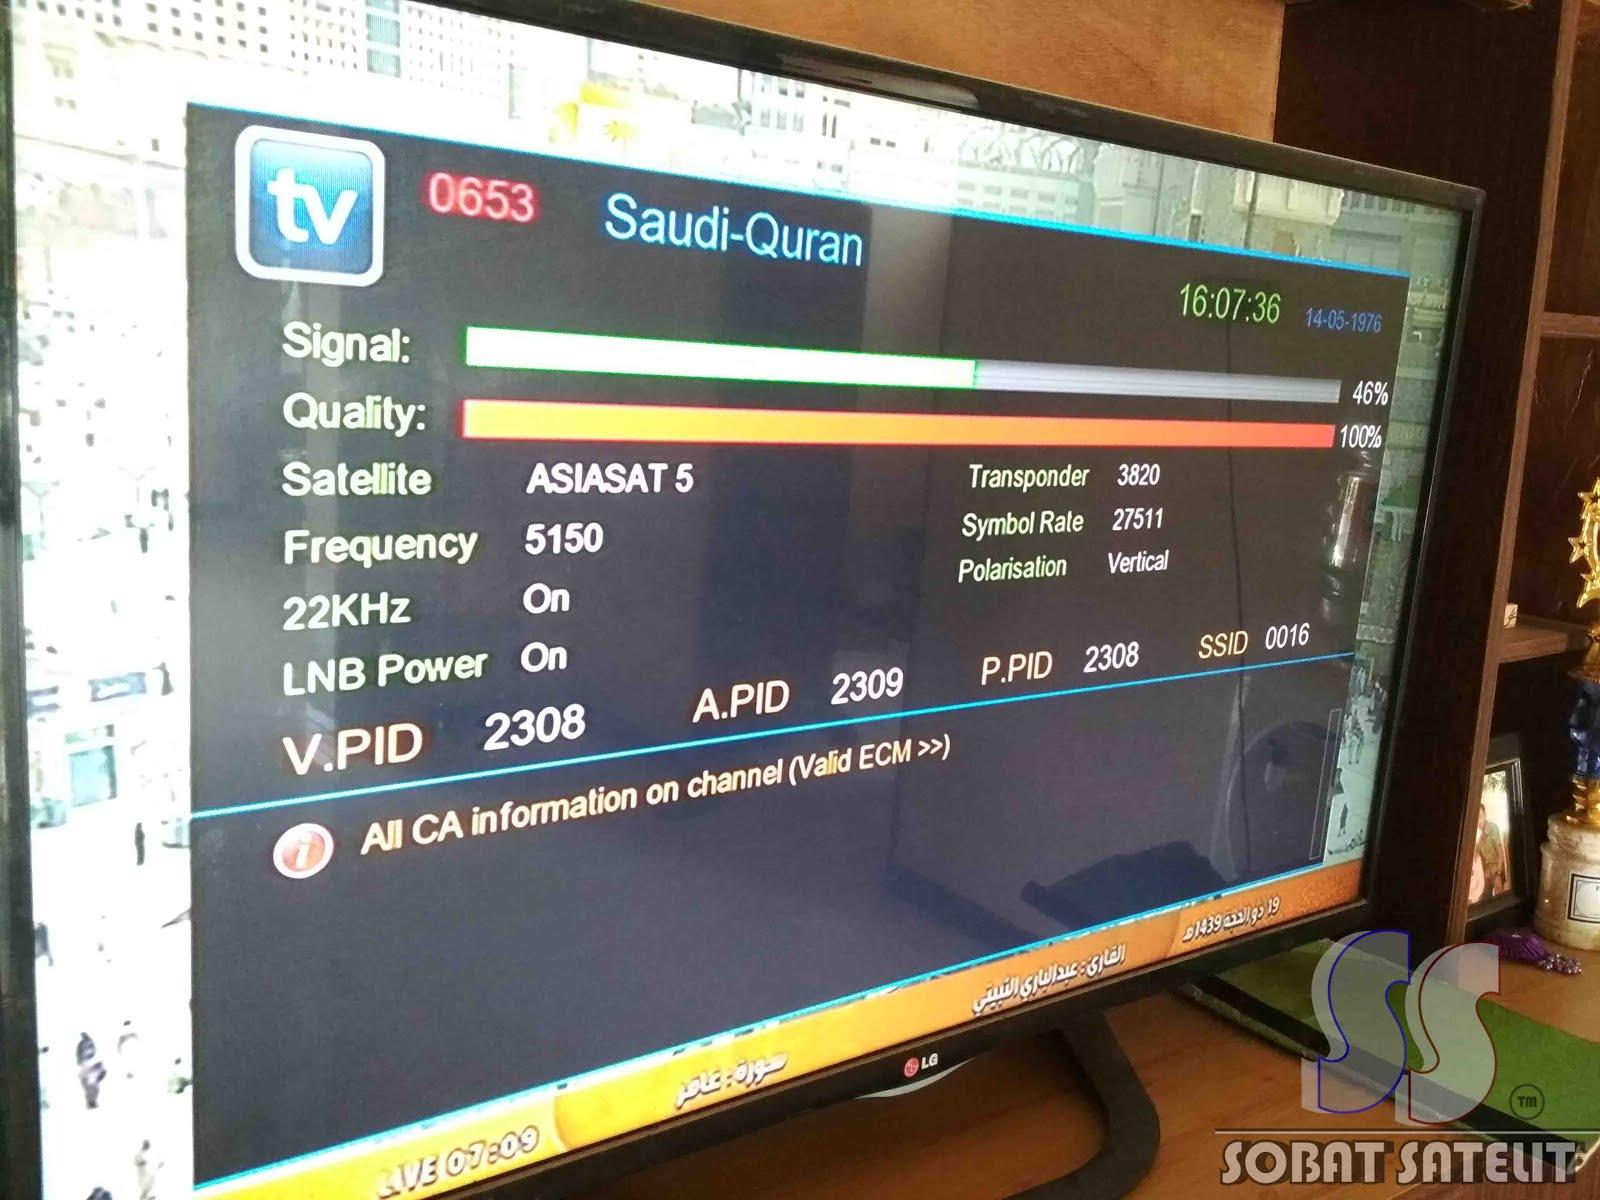 Cara Tracking Satelit Asiasat 5 C-Band - Sobat Satelit